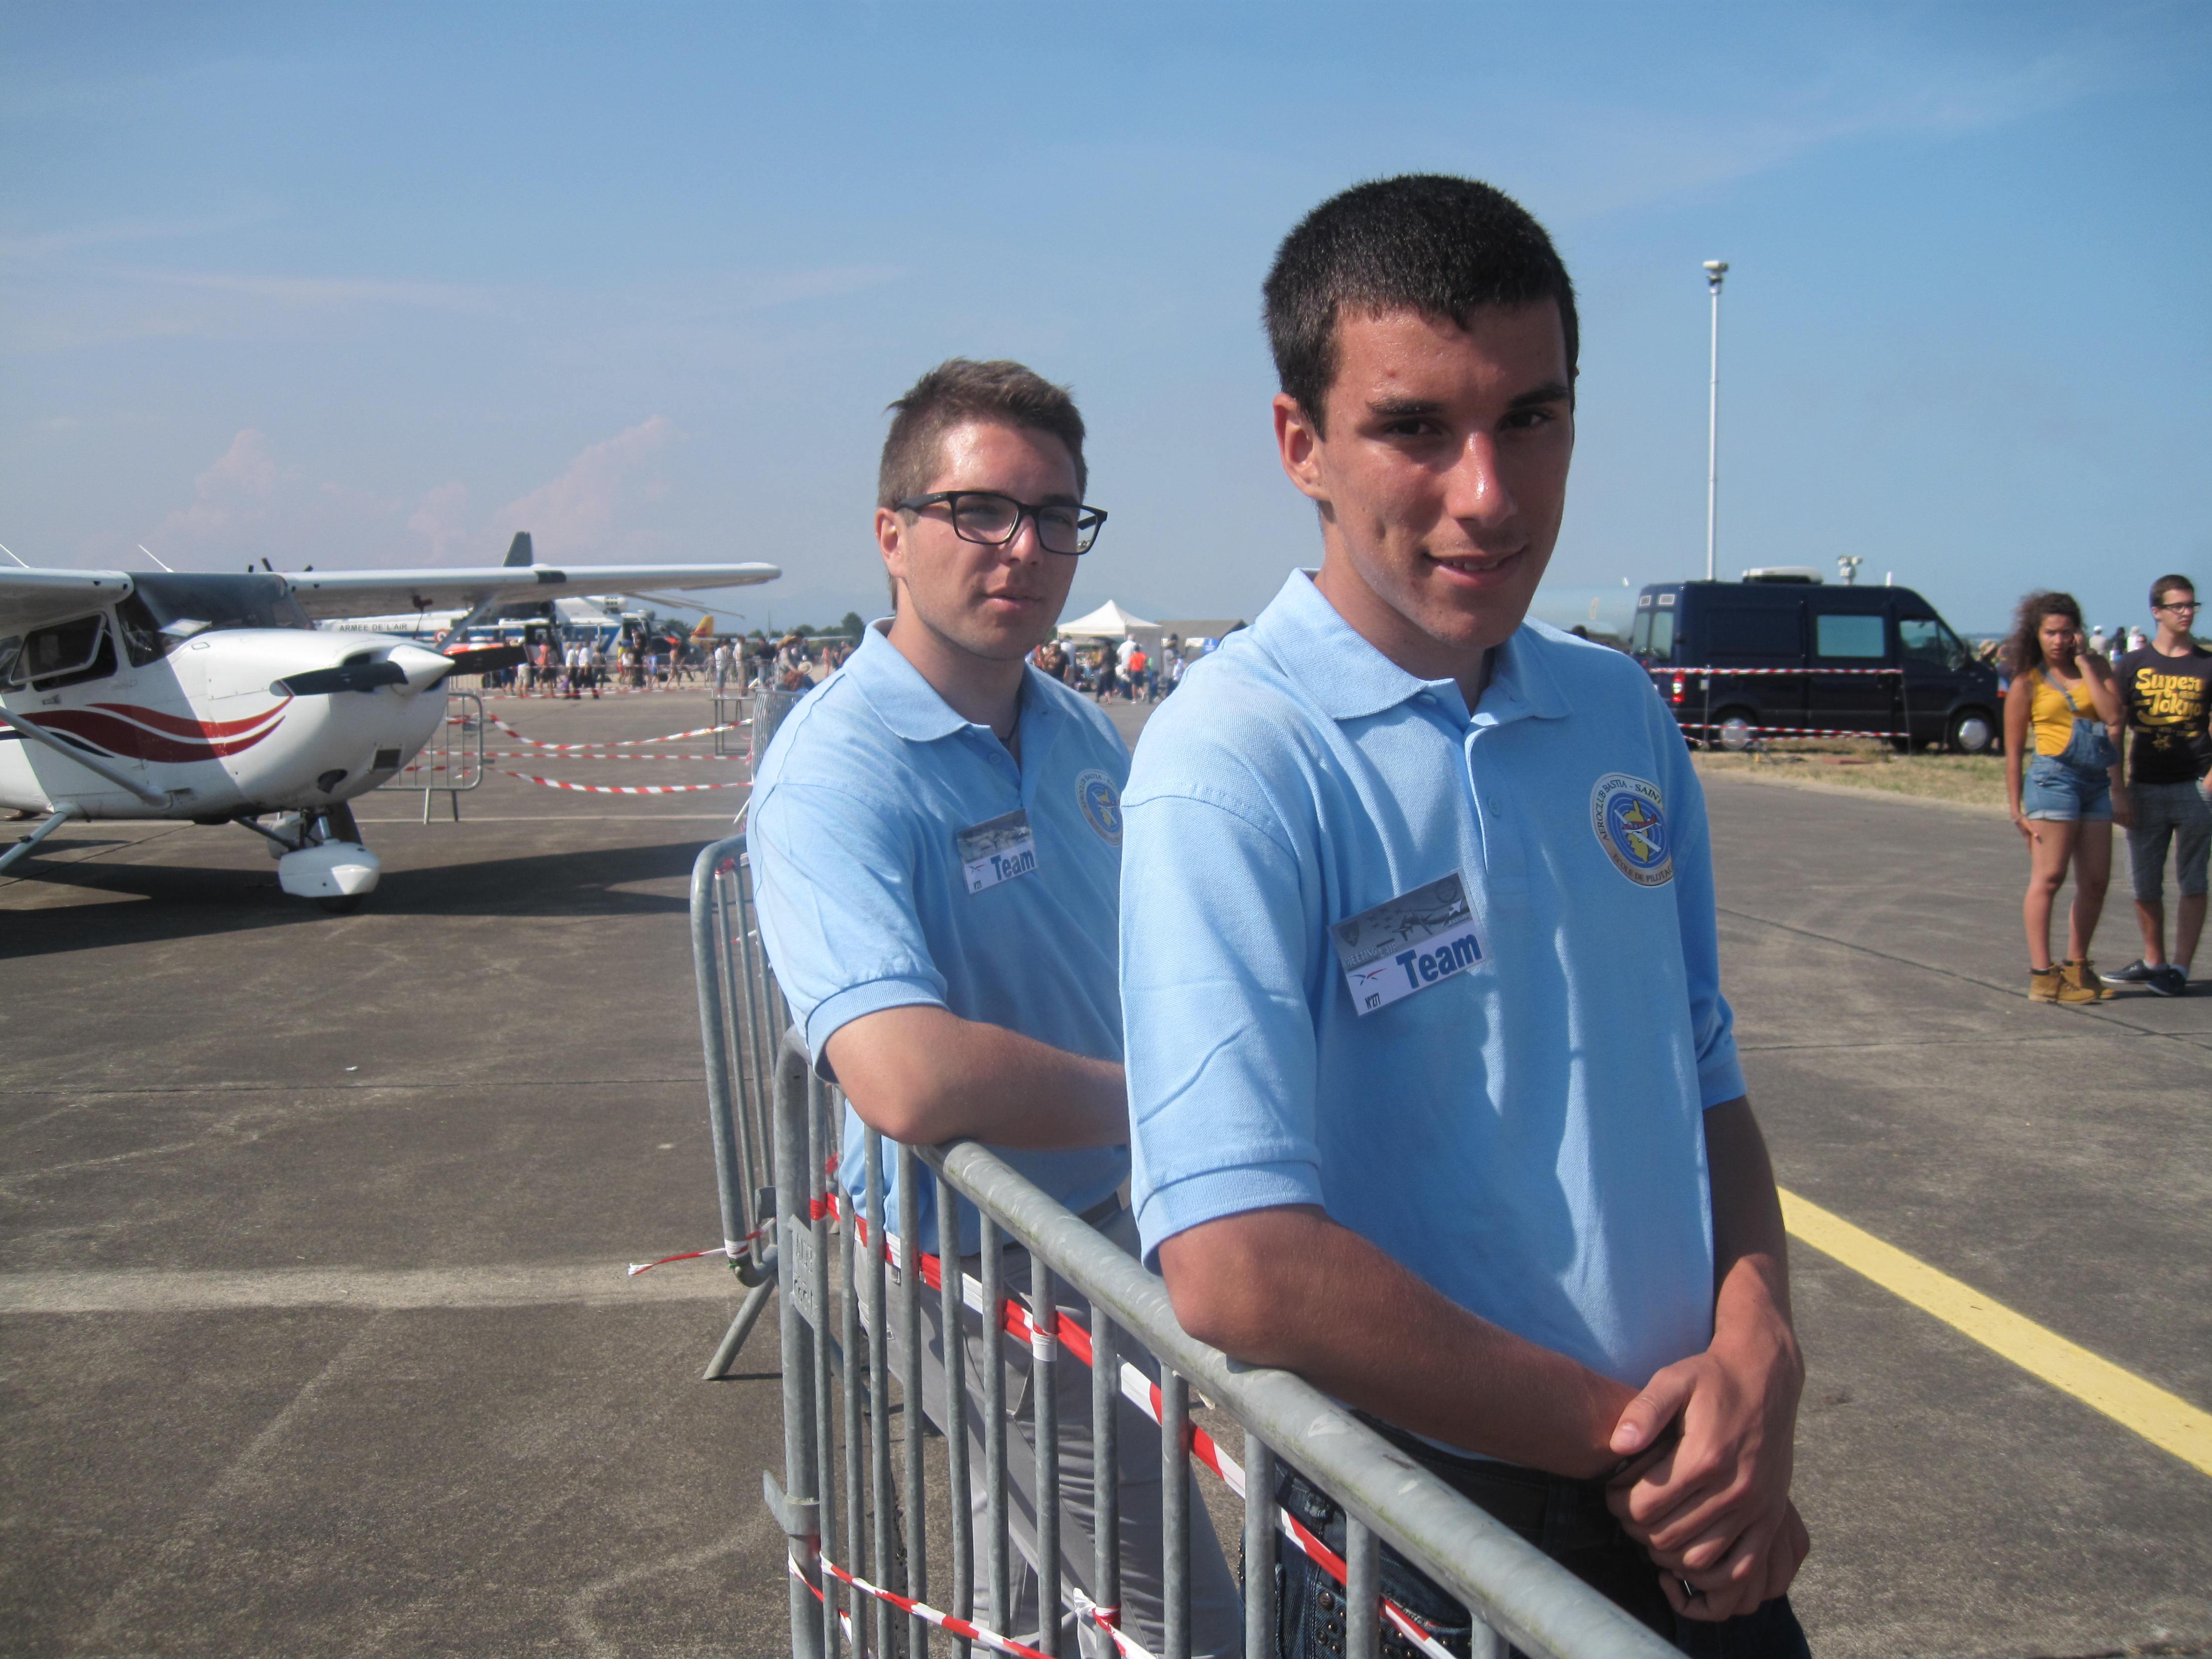 Un grand merci à nos pilotes et élèves pilotes, toujours prêts à renseigner un public nombreux.